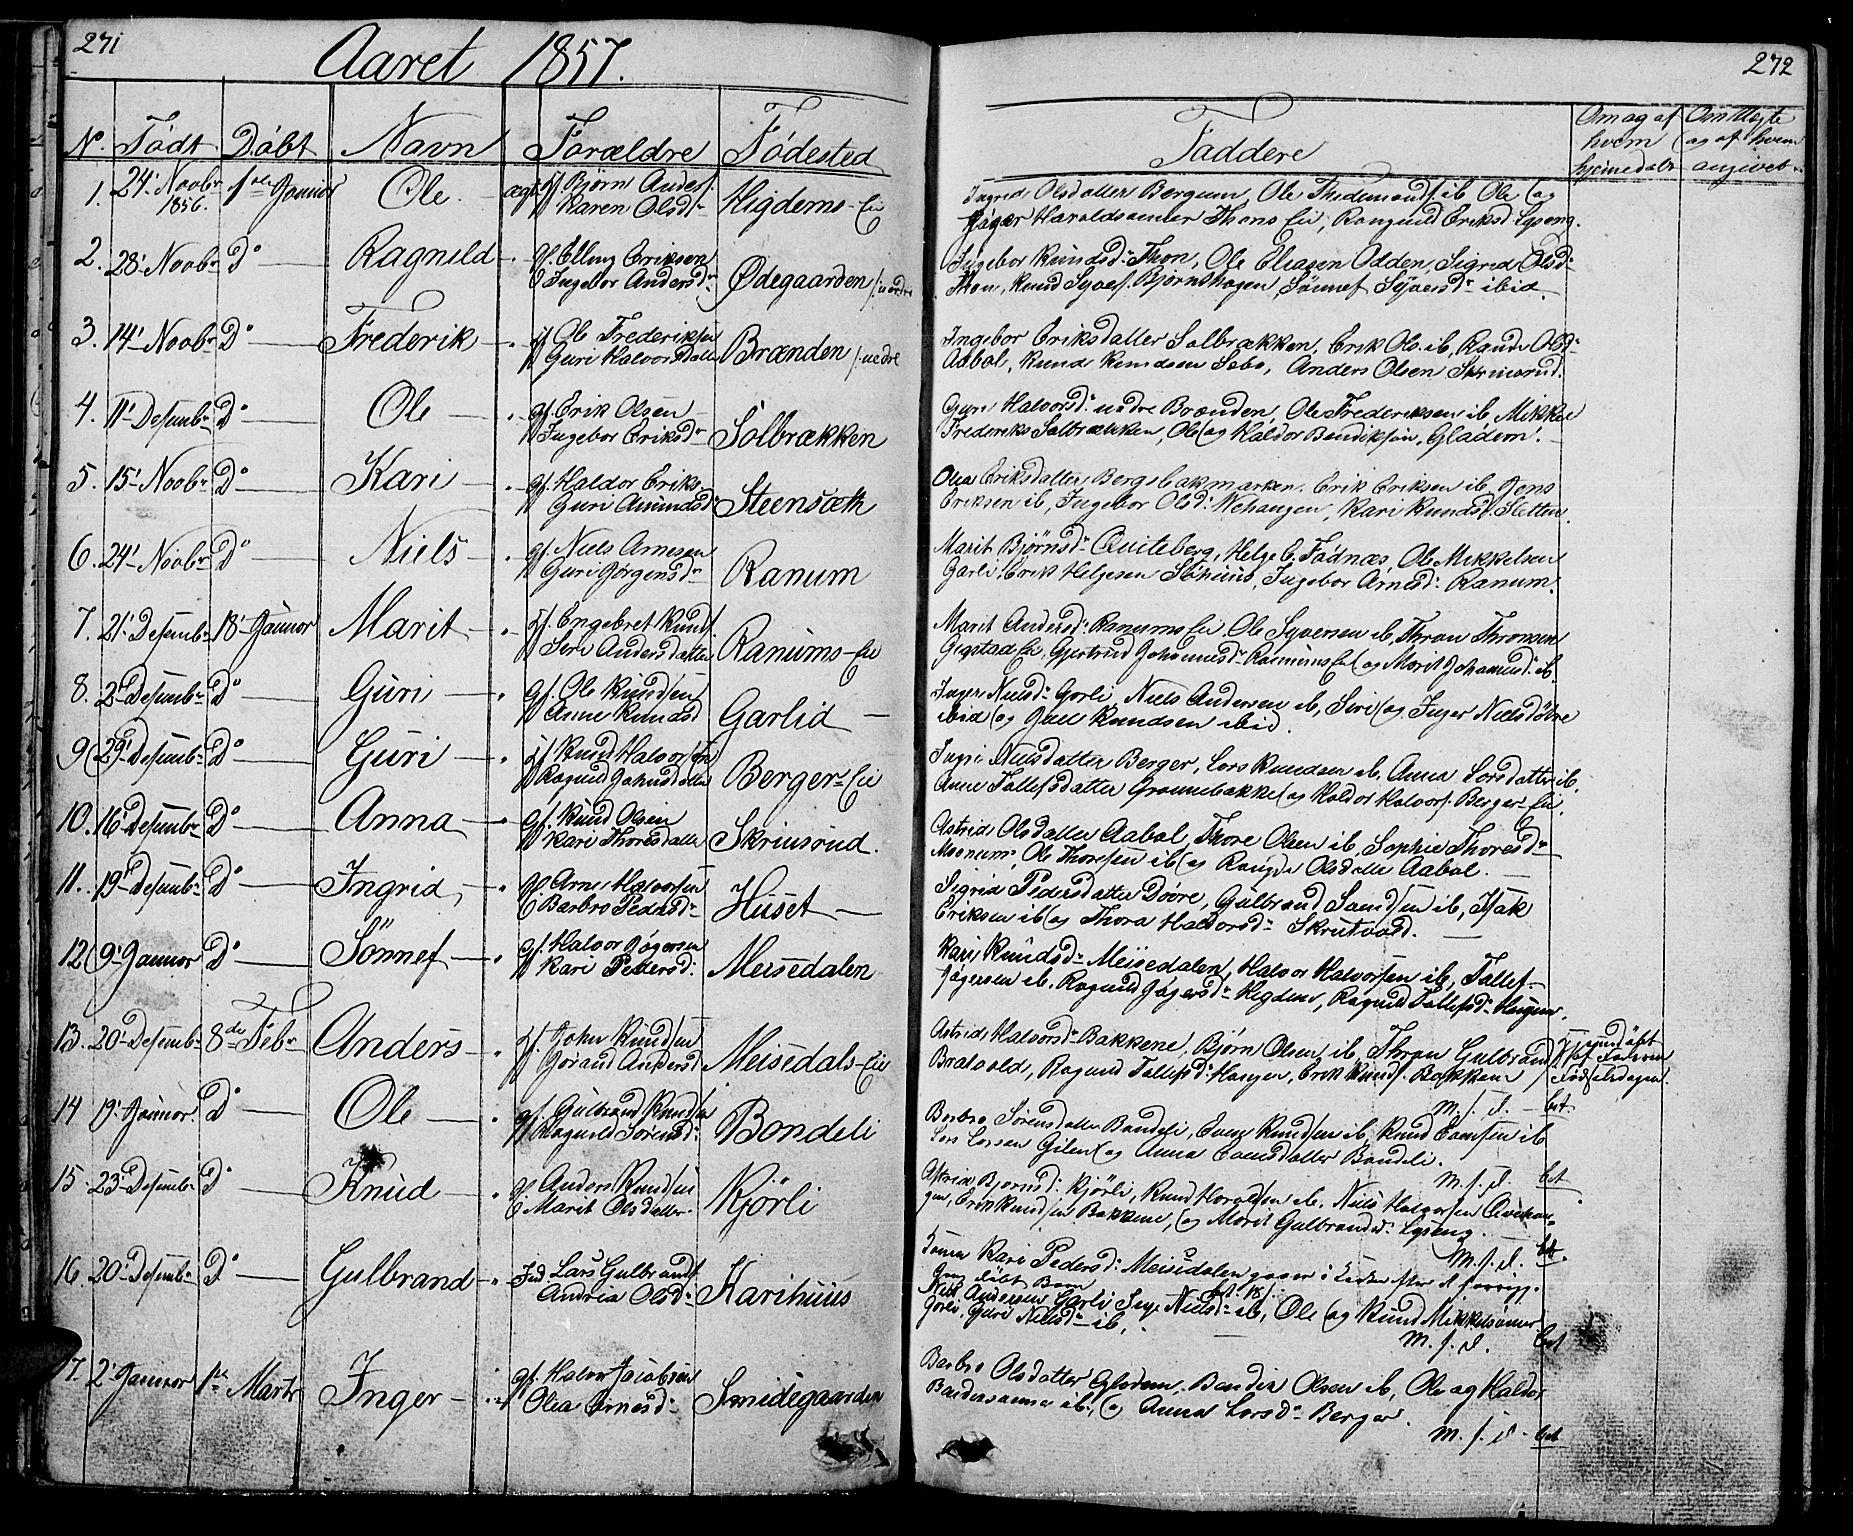 SAH, Nord-Aurdal prestekontor, Klokkerbok nr. 1, 1834-1887, s. 271-272